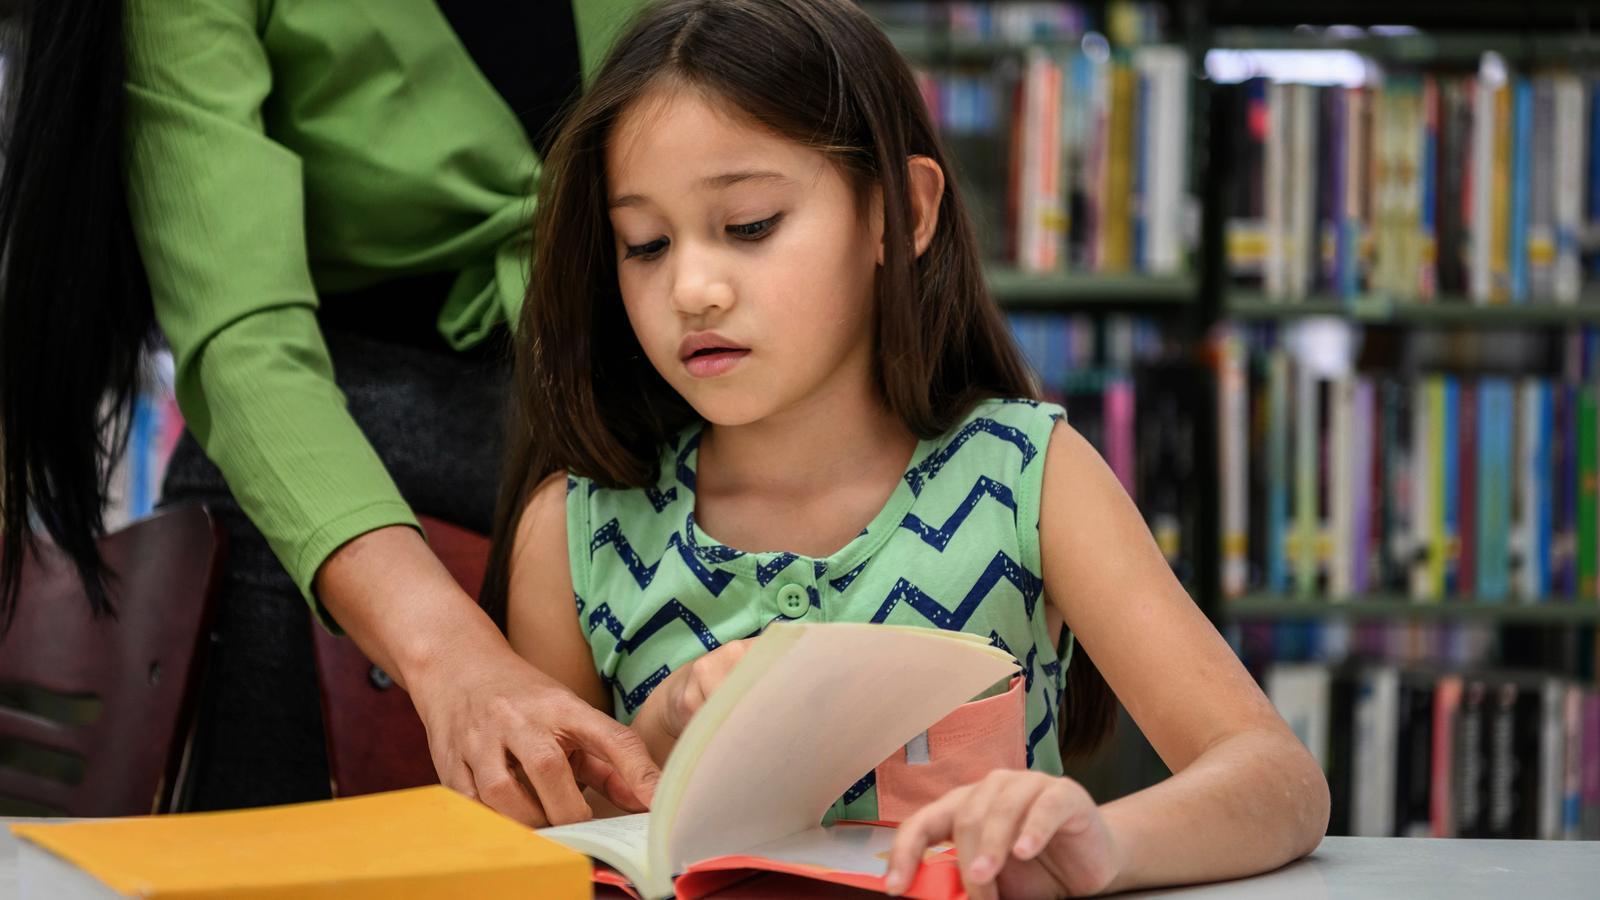 Els problemes de comprensió lectora expliquen bona part del fracàs escolar